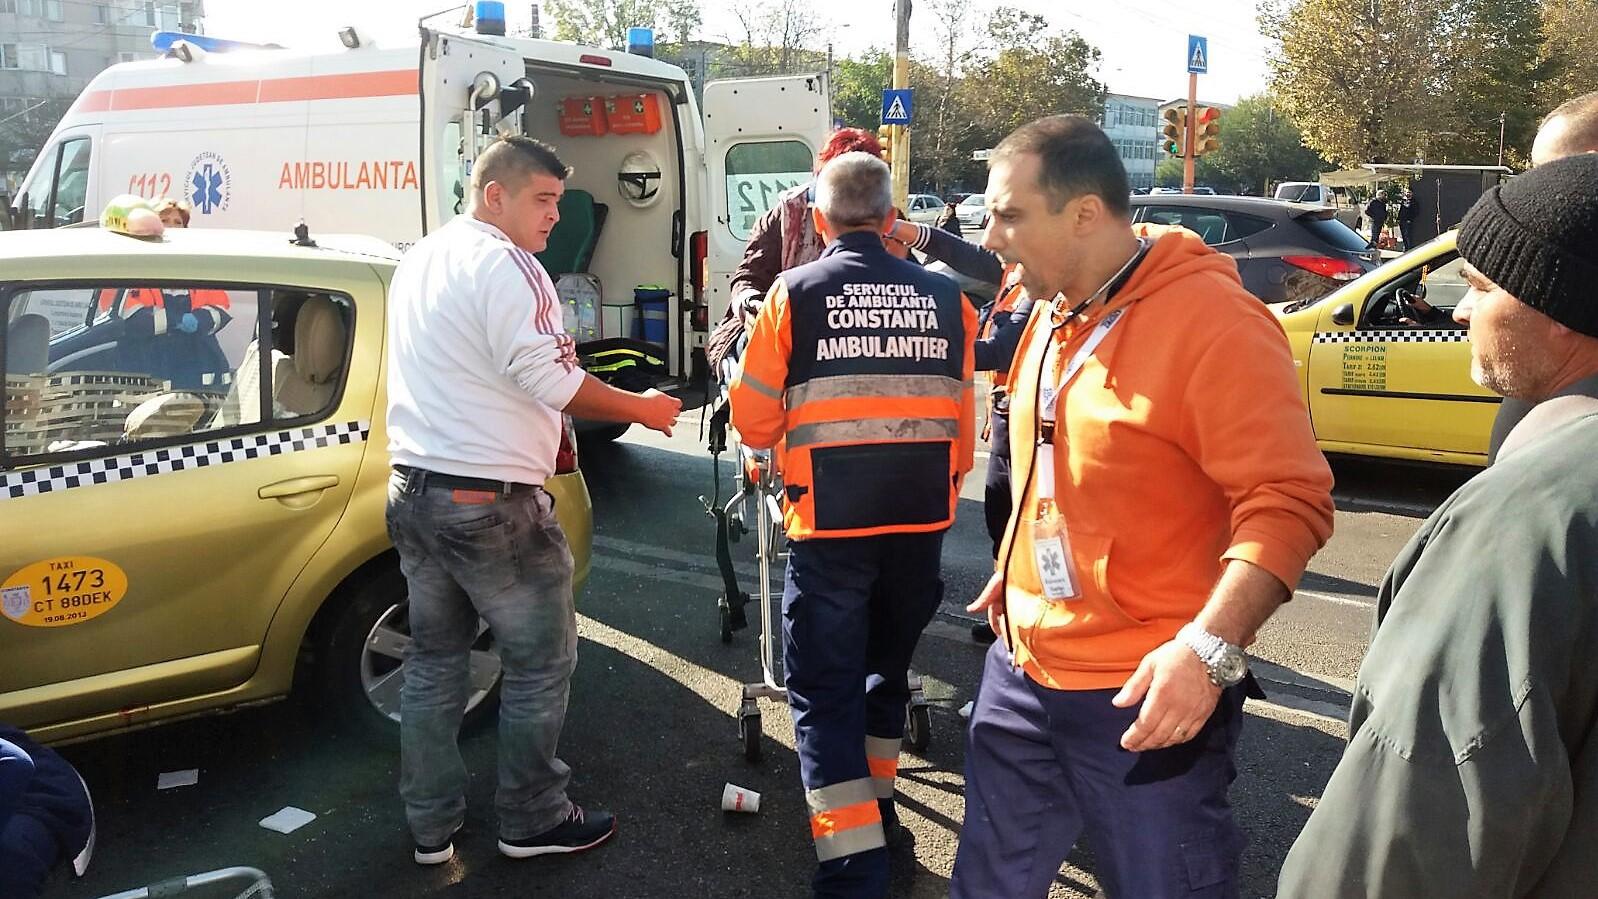 Accident GRAV. O ambulanţă care transporta un pacient s-a izbit de alt autovehicul. Patru persoane rănite